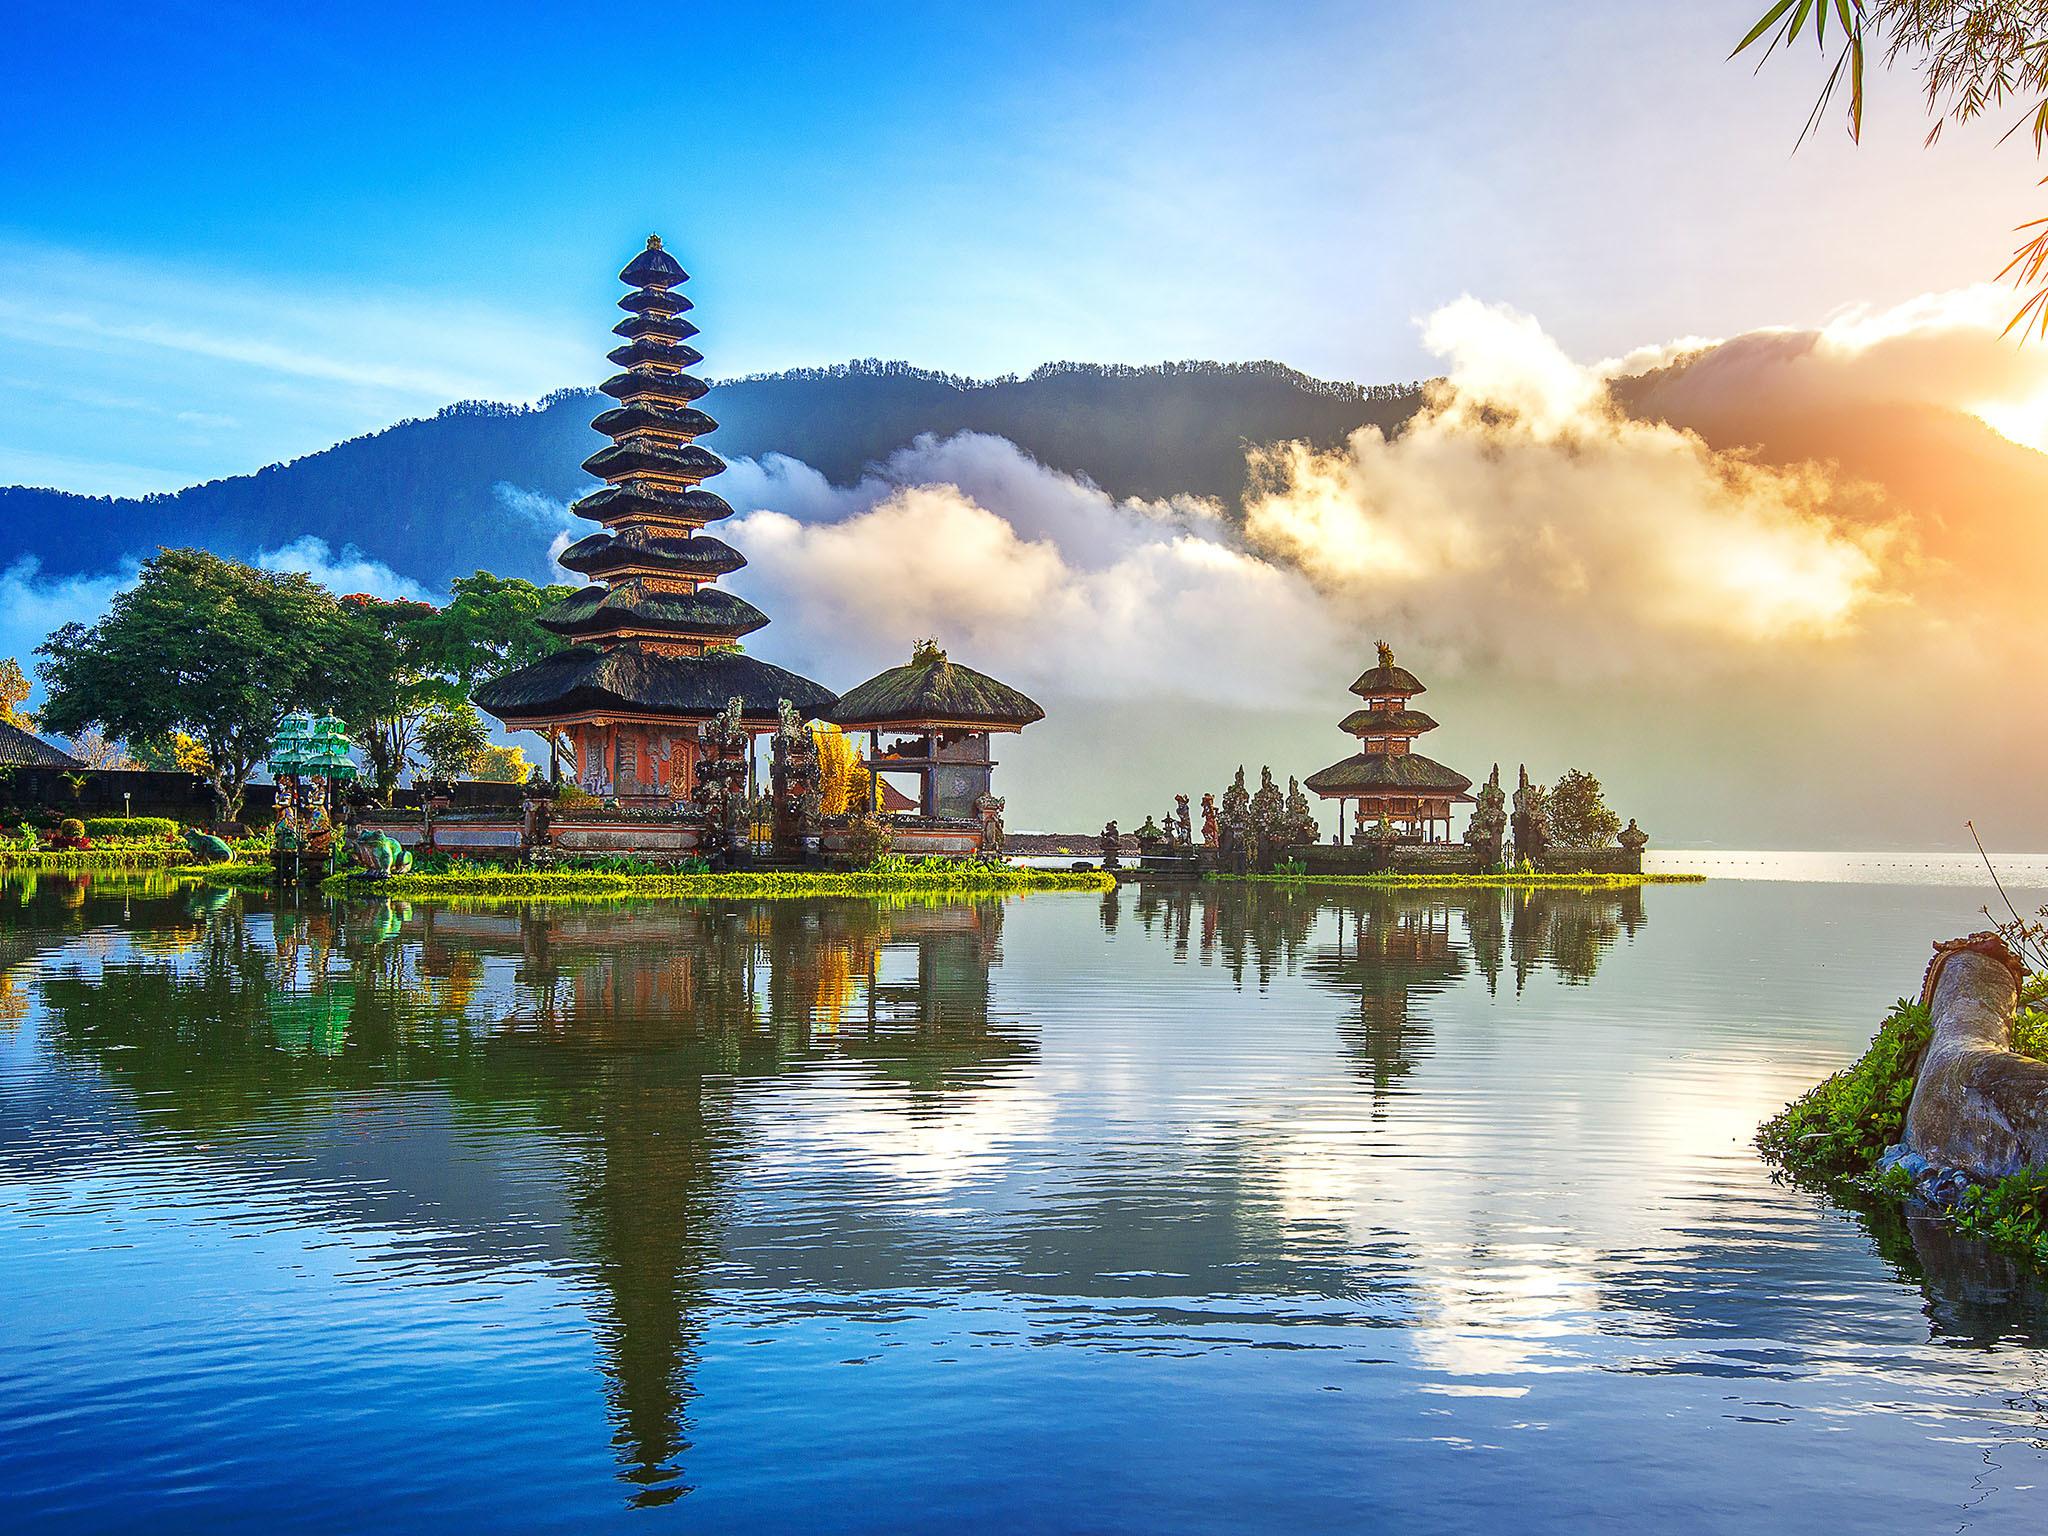 15 Tempat Wisata Terbaik Bali Yang Paling Banyak Dikunjungi